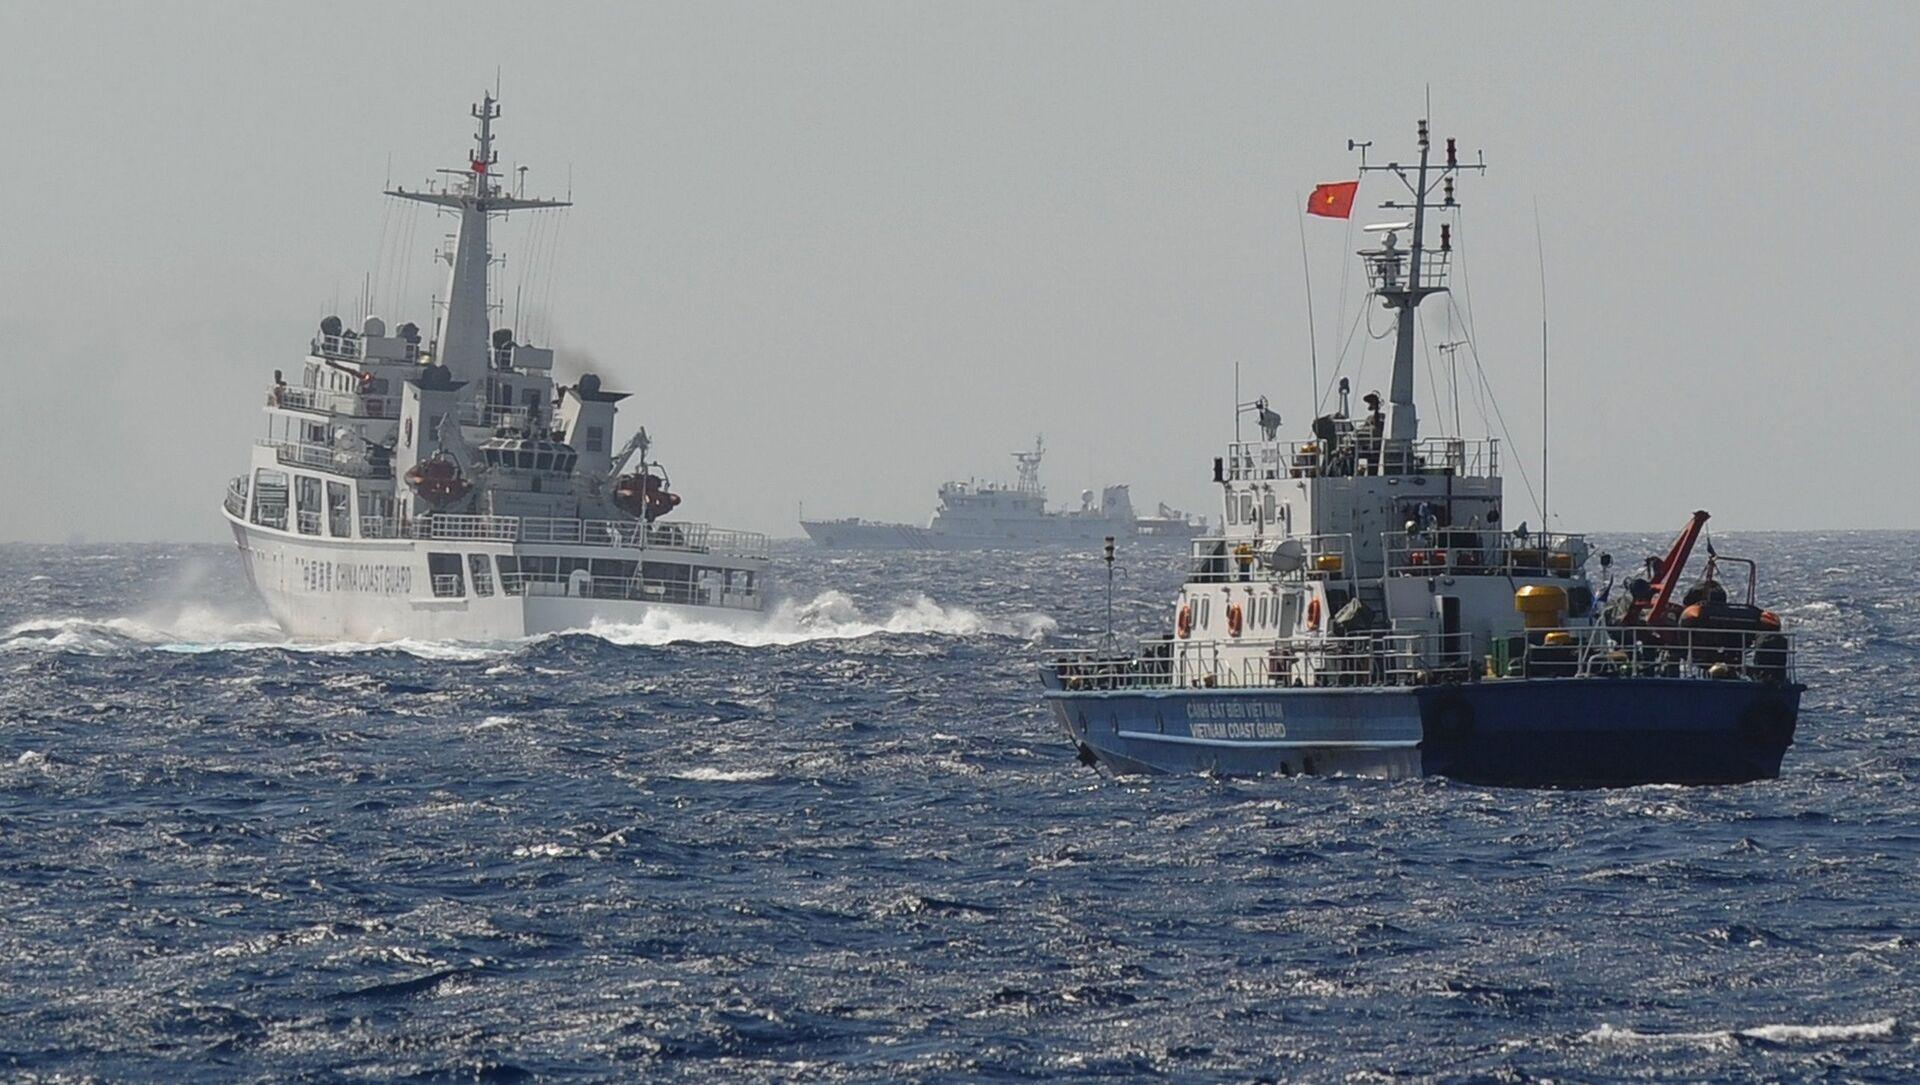 Tàu Cảnh sát biển Việt Nam và Trung Quốc gần vị trí đặt giàn khoan dầu của Trung Quốc trên Biển Đông - Sputnik Việt Nam, 1920, 01.05.2021